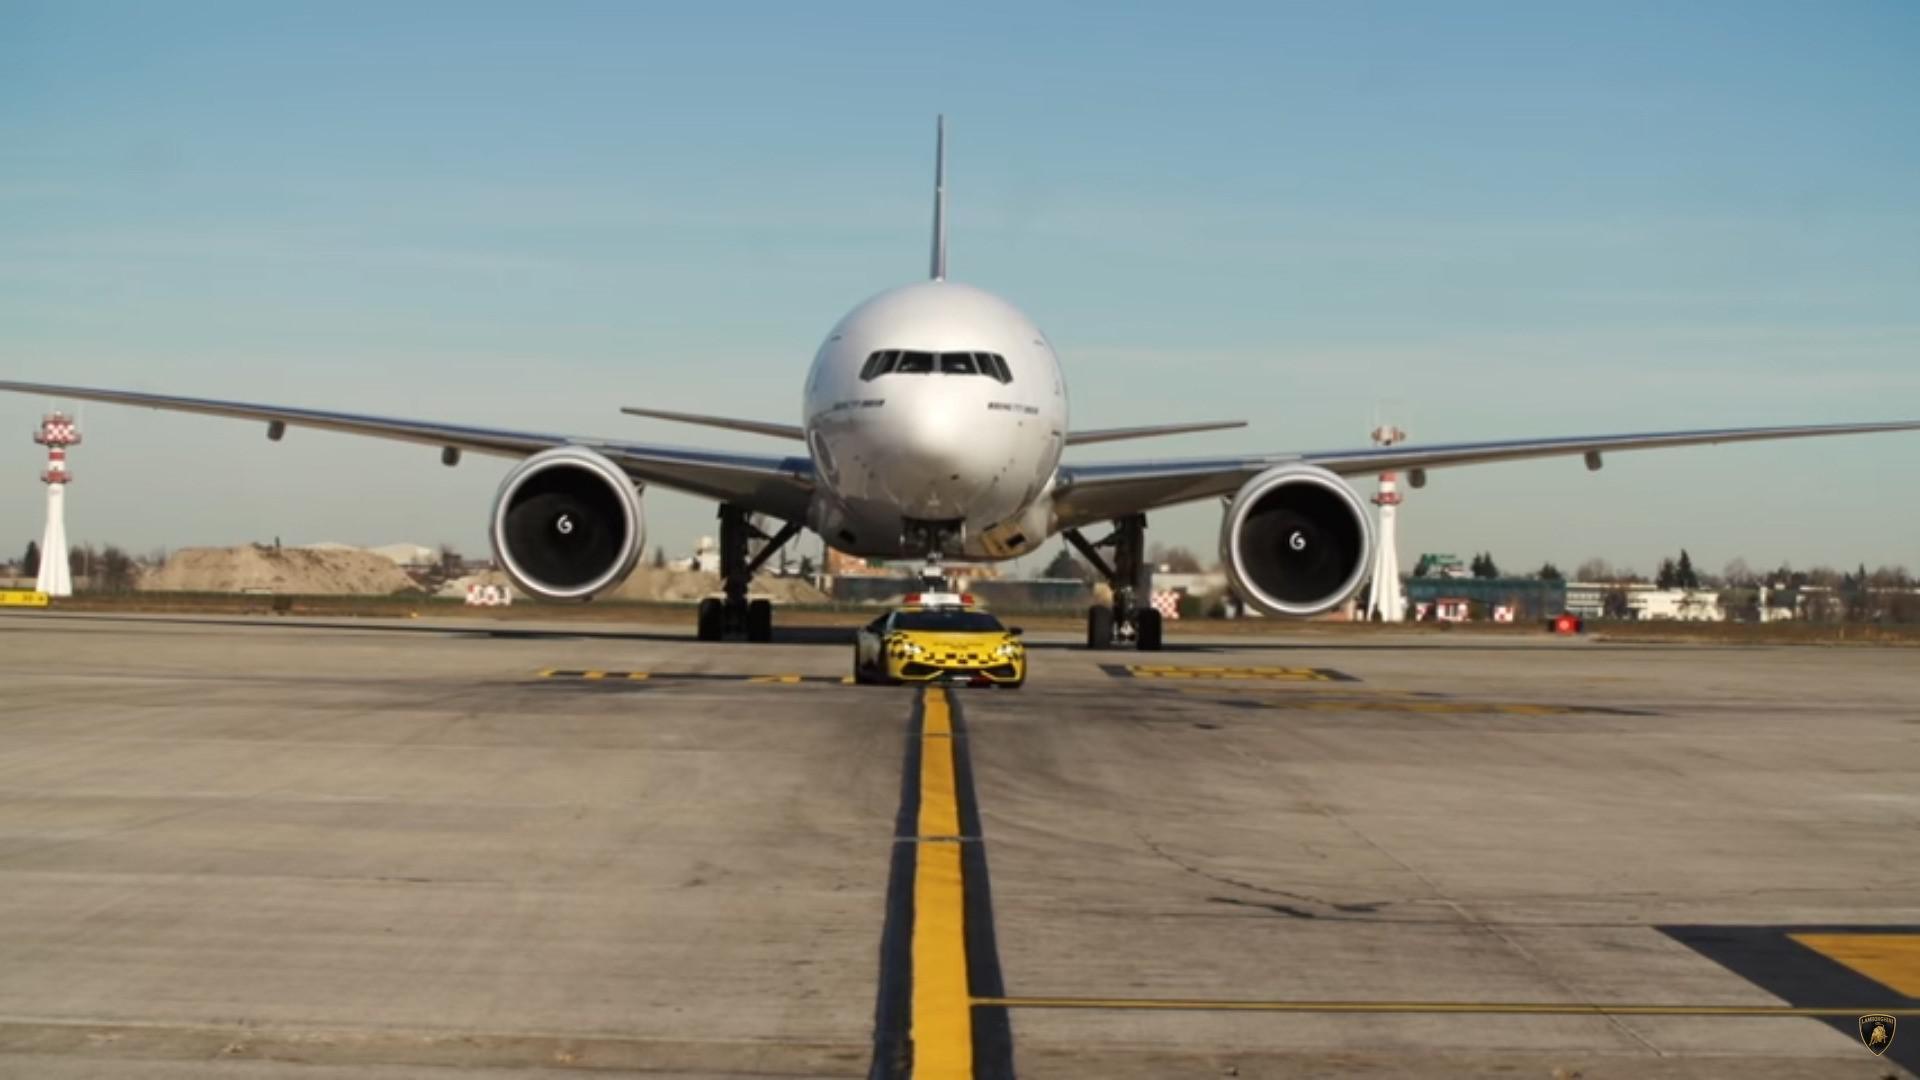 la-superbe-lamborghini-huracan-de-l-aeroport-de-bologne-follow-me-247-2.jpg